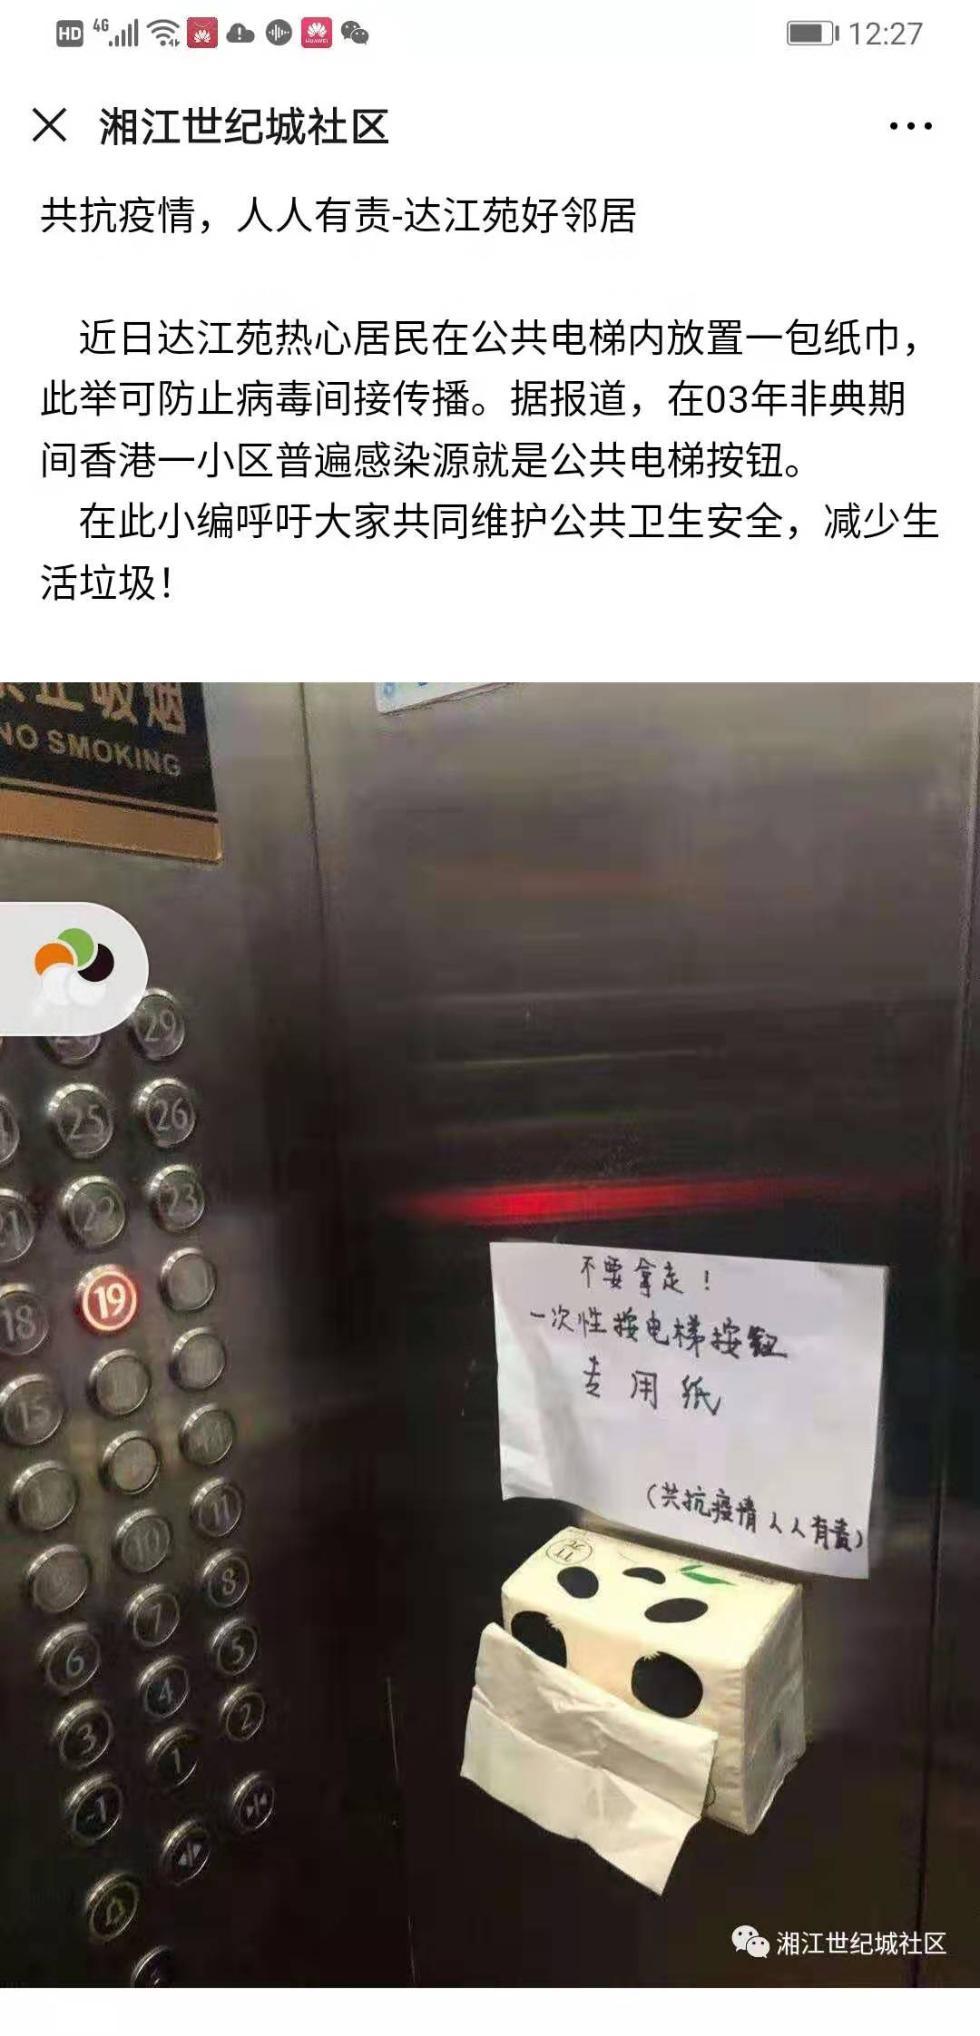 预防新冠病毒接触传播,长沙多个小区电梯间设按键专用纸巾盒